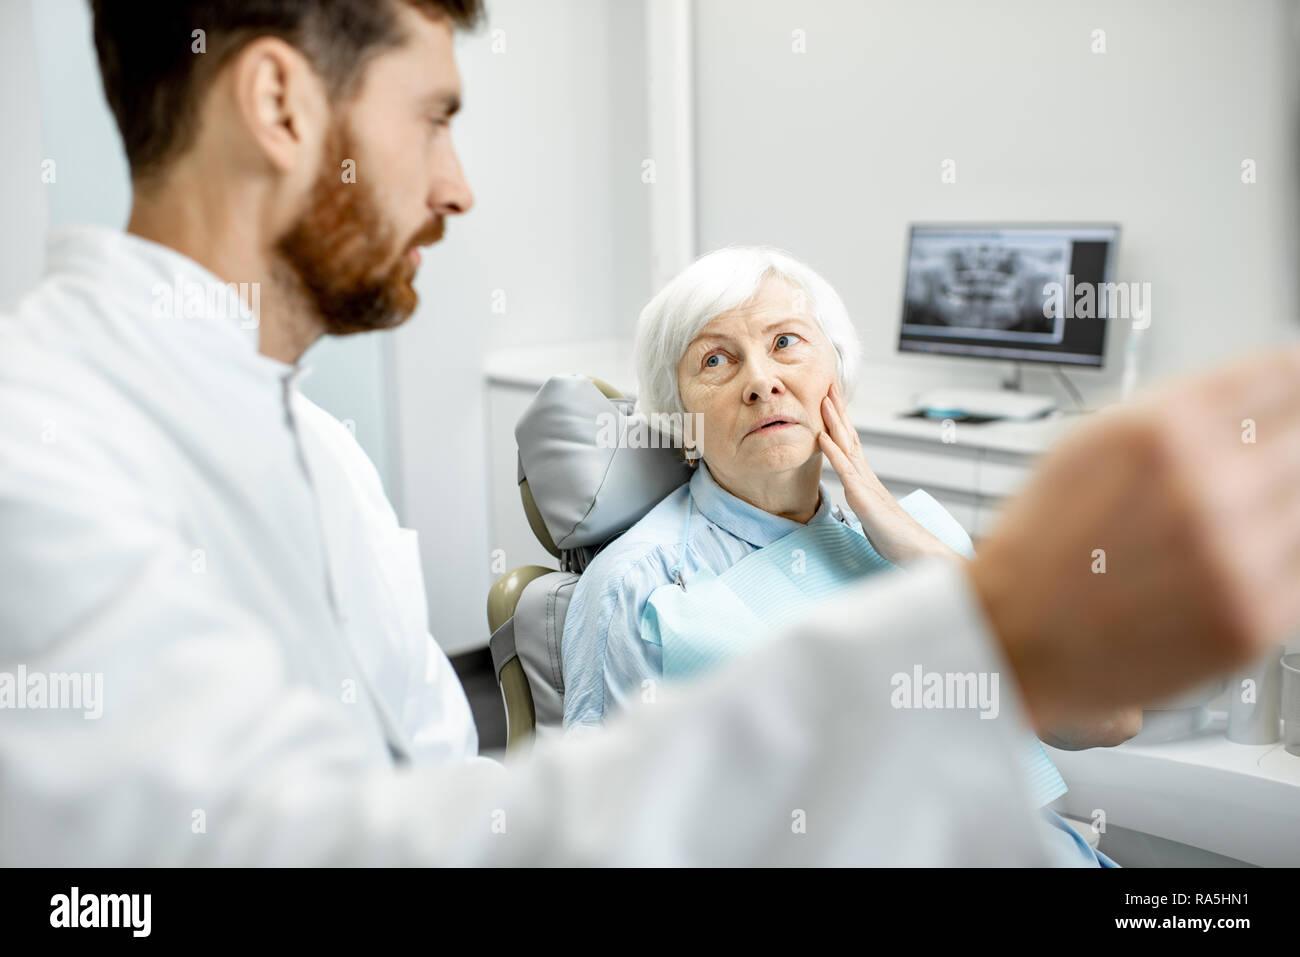 Preocupado elder mujer durante la consulta con el dentista guapo mostrando radiografía panorámica en la oficina dental Foto de stock